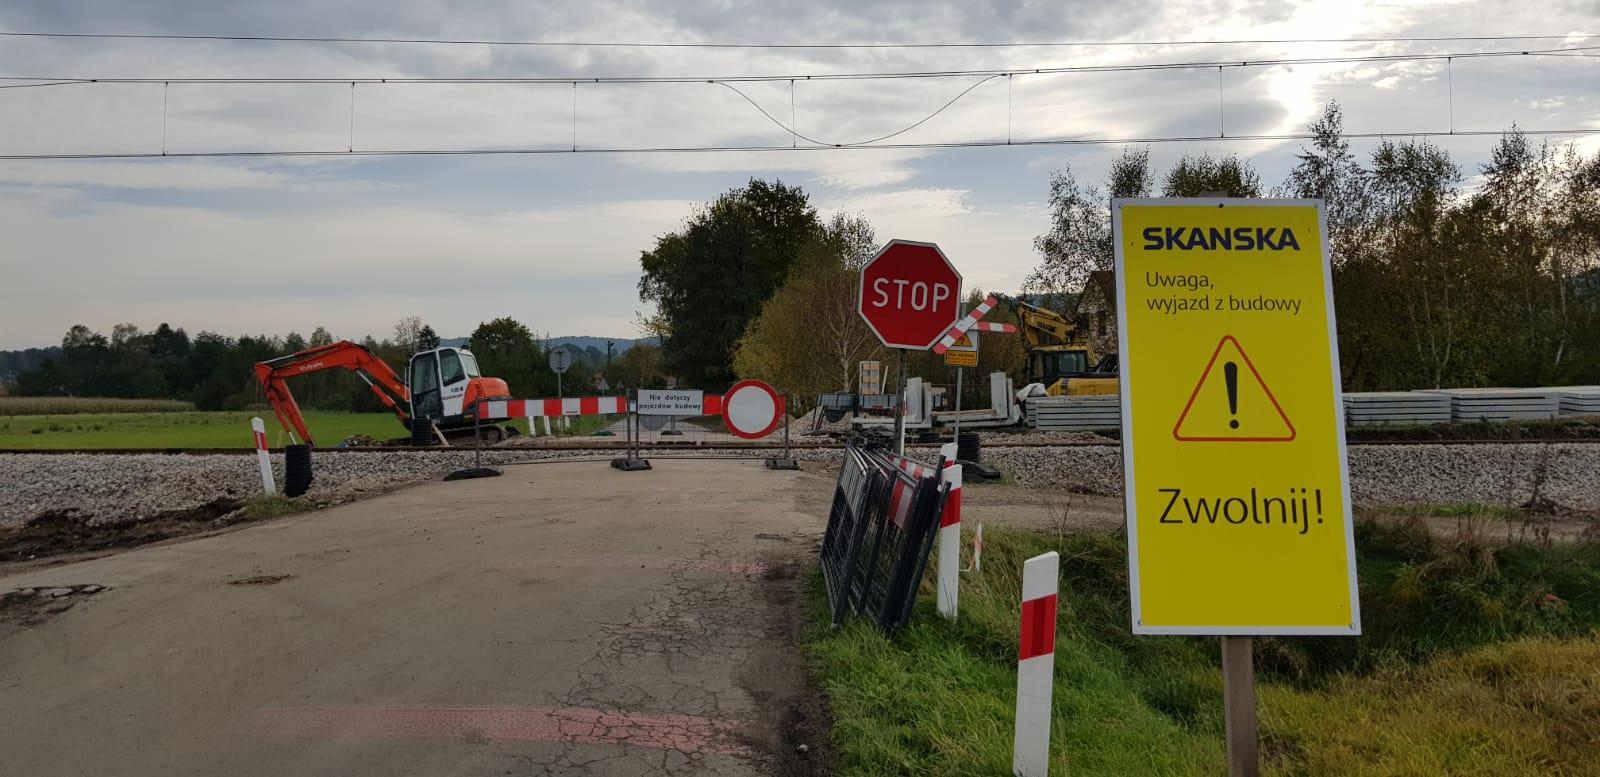 Coraz więcej utrudnień dla kierowców w związku z remontem linii kolejowej [FOTO]